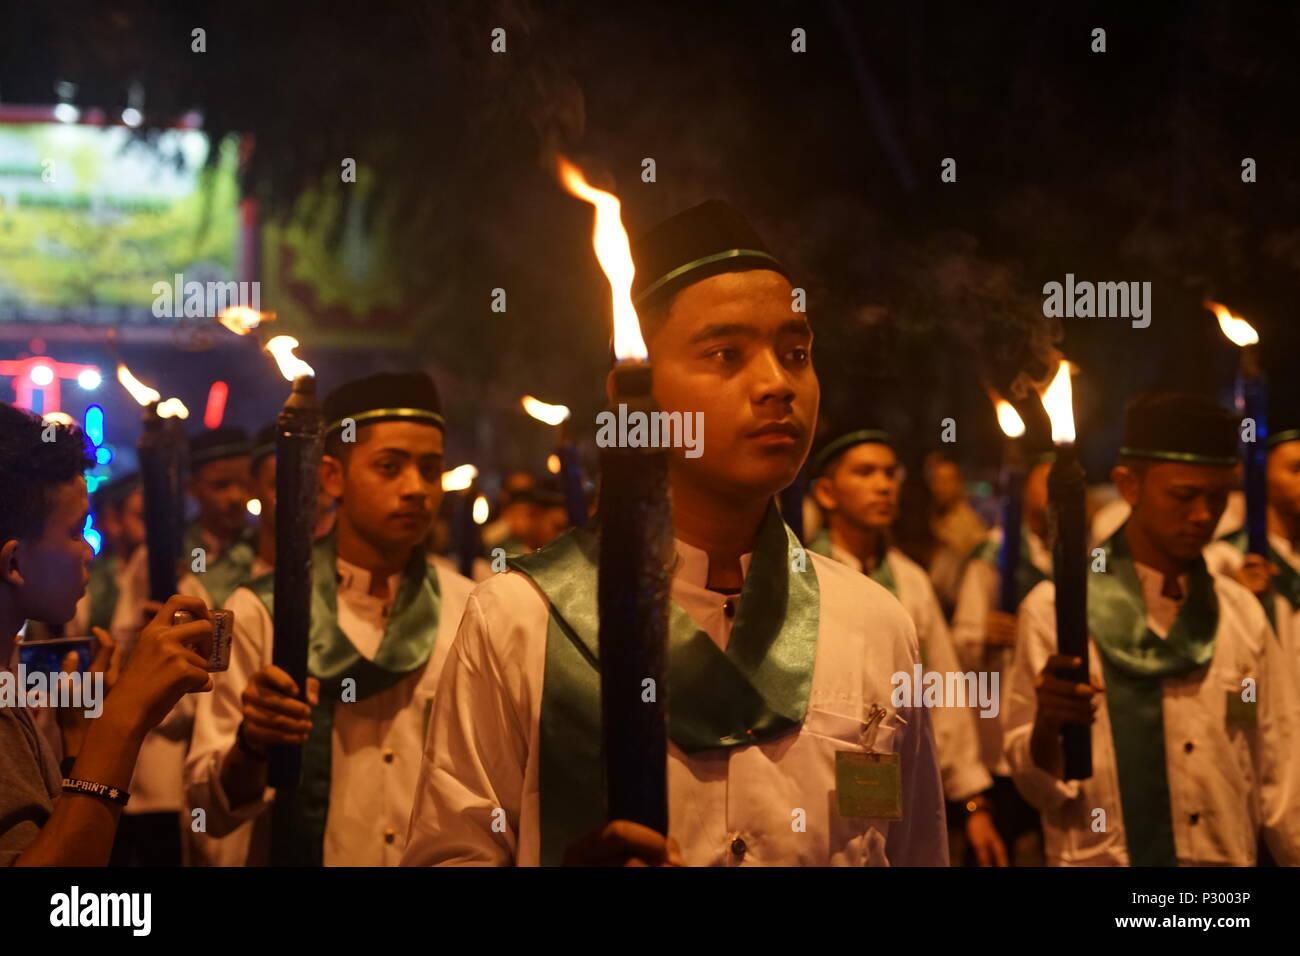 Banda Aceh, Indonesia/Aceh - 14 de junio 2018: musulmán indonesio takbir tener una noche antes de la celebración del Eid Mubarak/Eid ul-Fitr, Banda Aceh, Indone Foto de stock